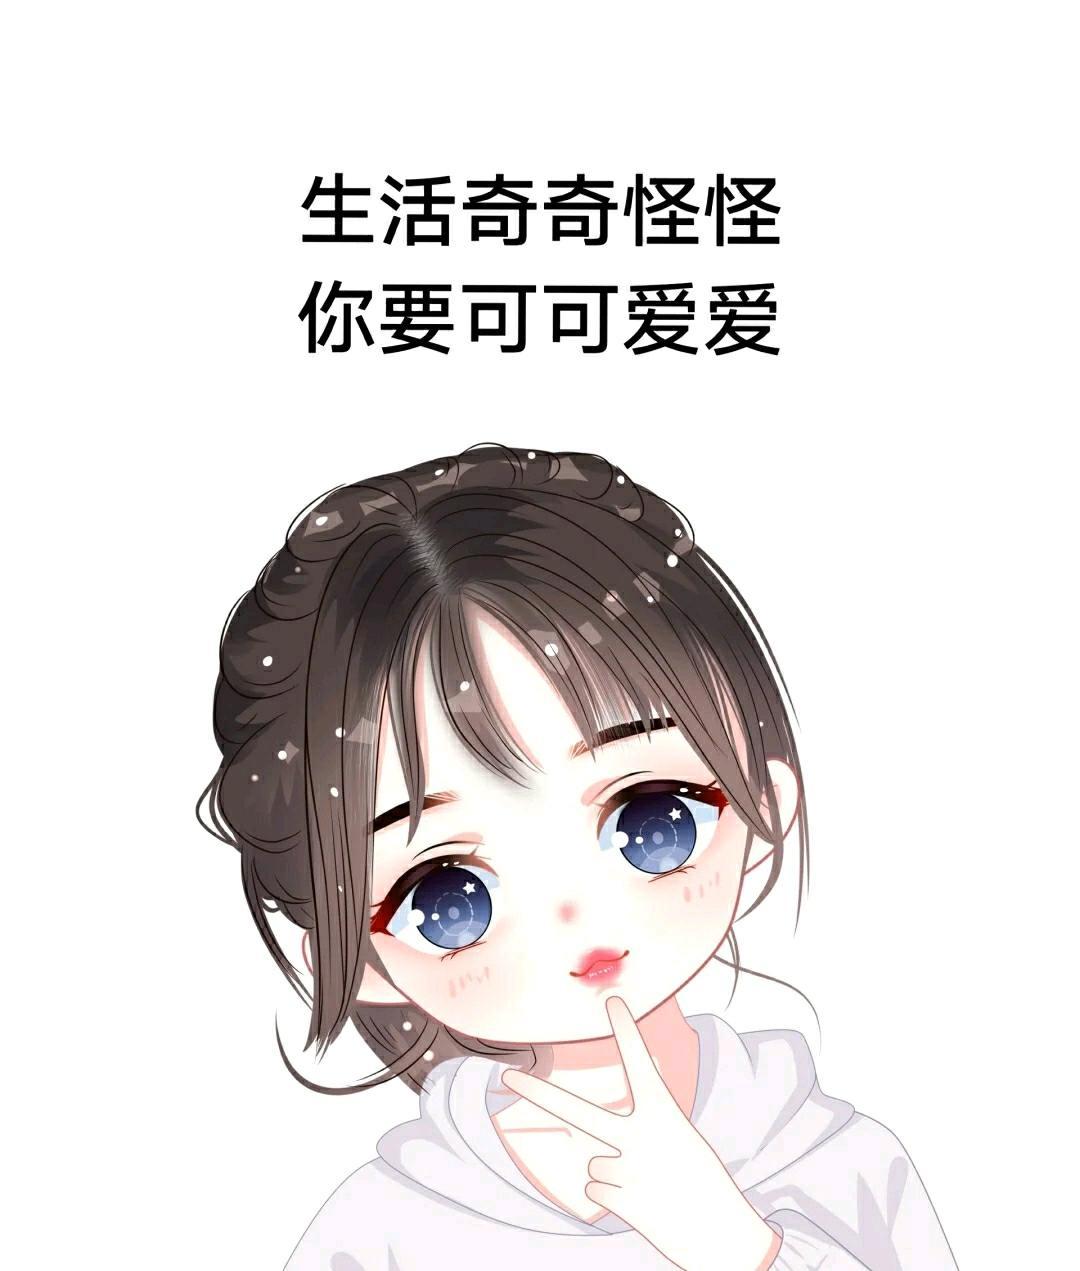 Jenny朱[图]